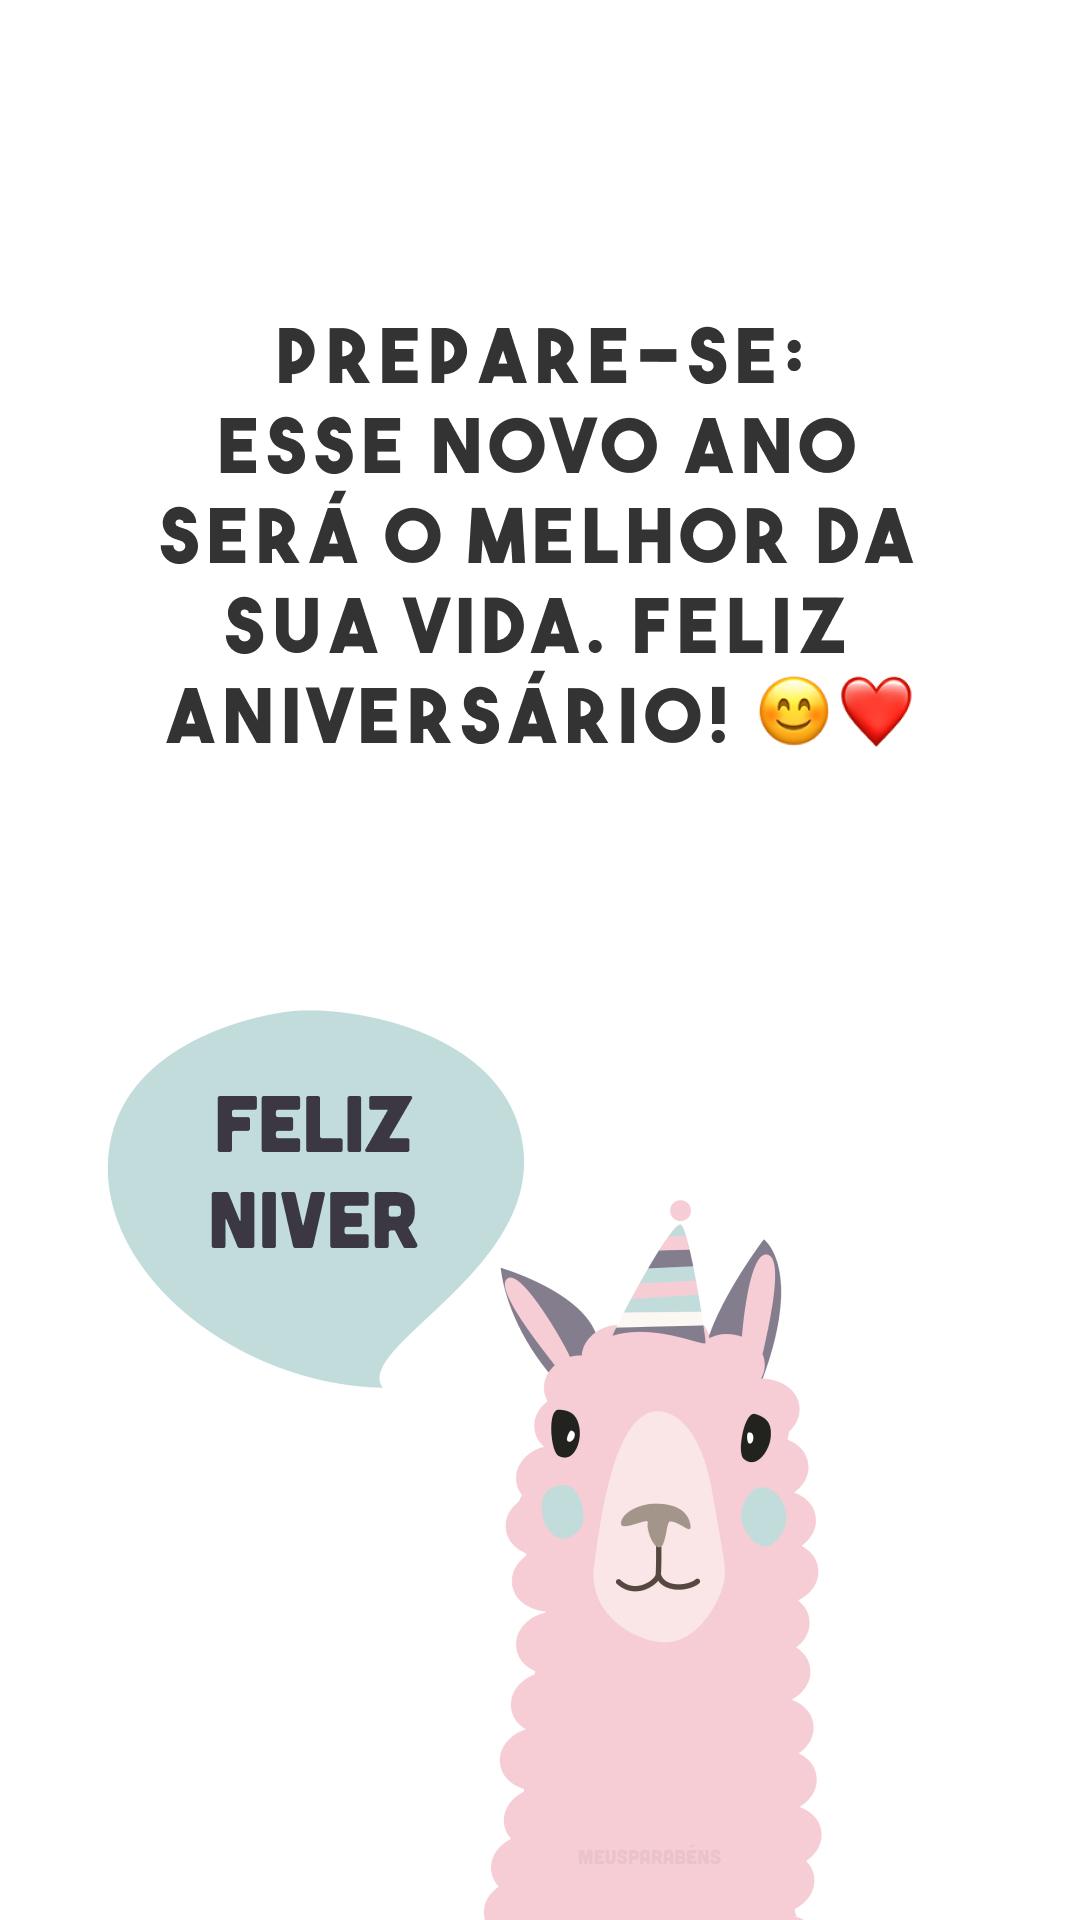 Prepare-se: esse novo ano será o melhor da sua vida. Feliz aniversário! ?❤